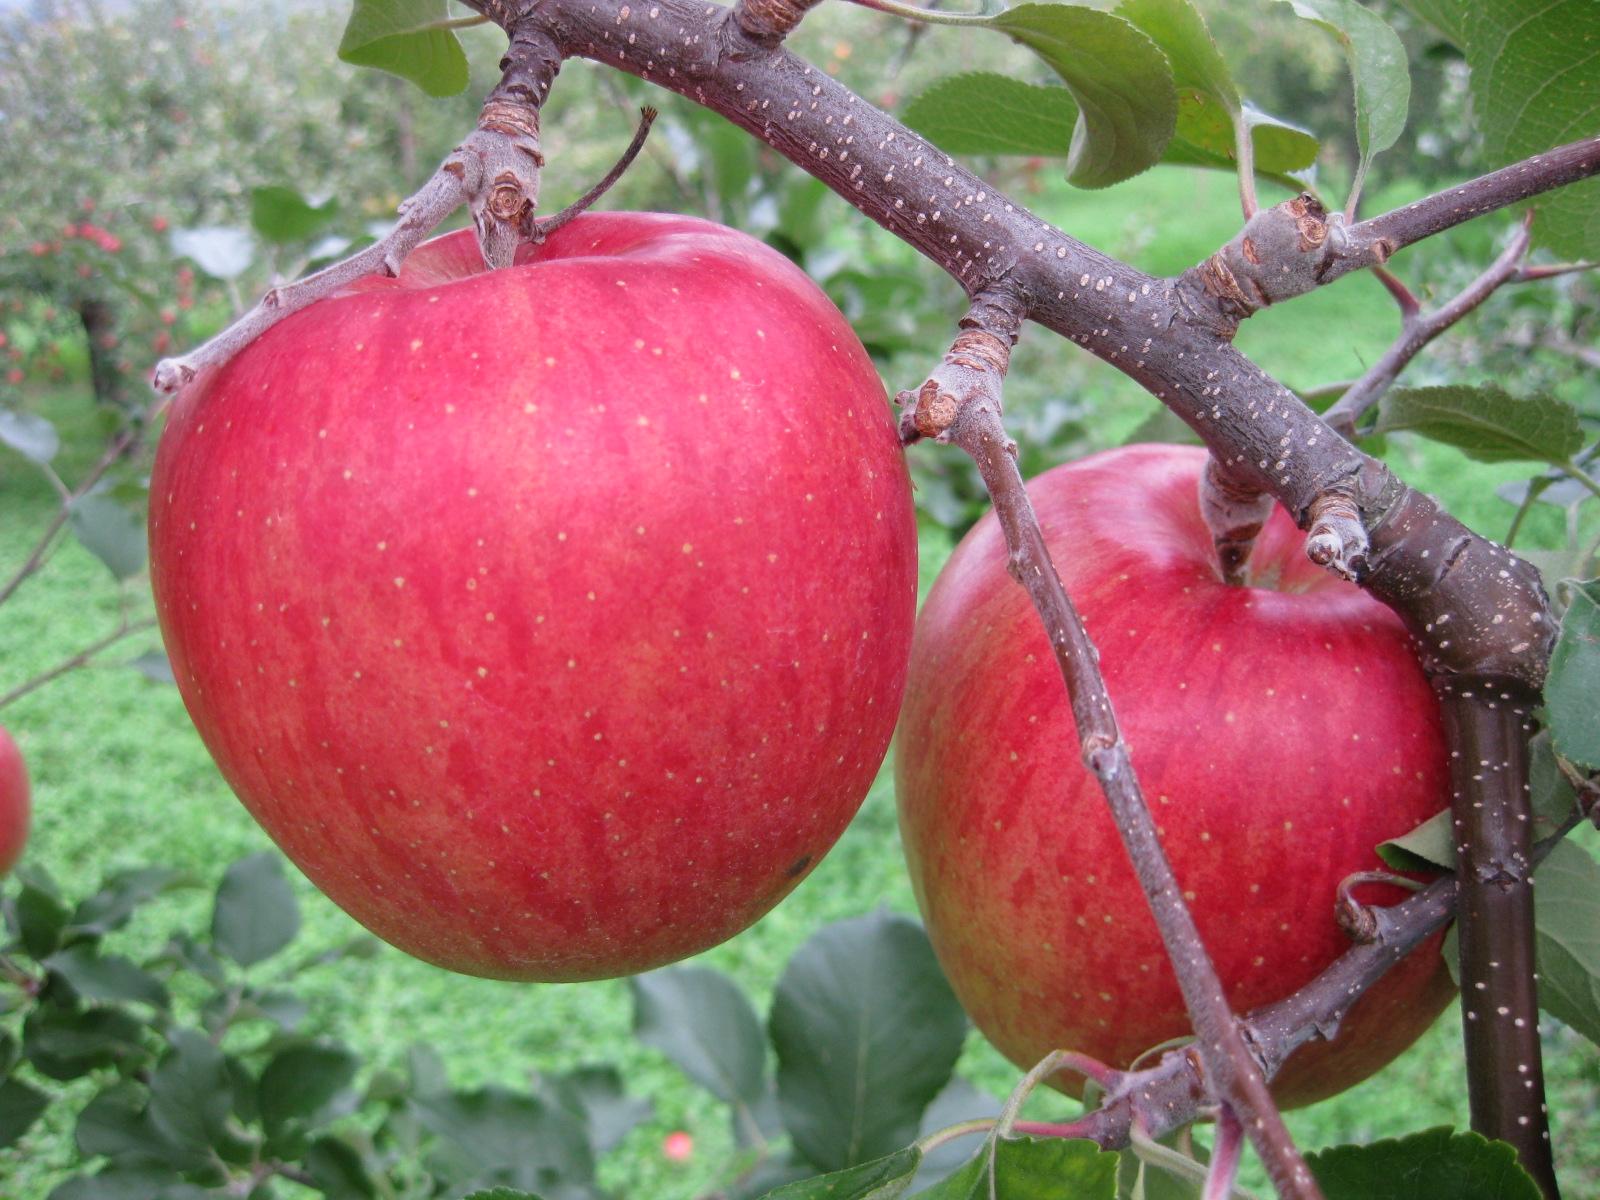 【2021年収穫分 予約受付中】ラフランス(西洋ナシ)/シナノスイート(りんご)詰合せ 5kgセット